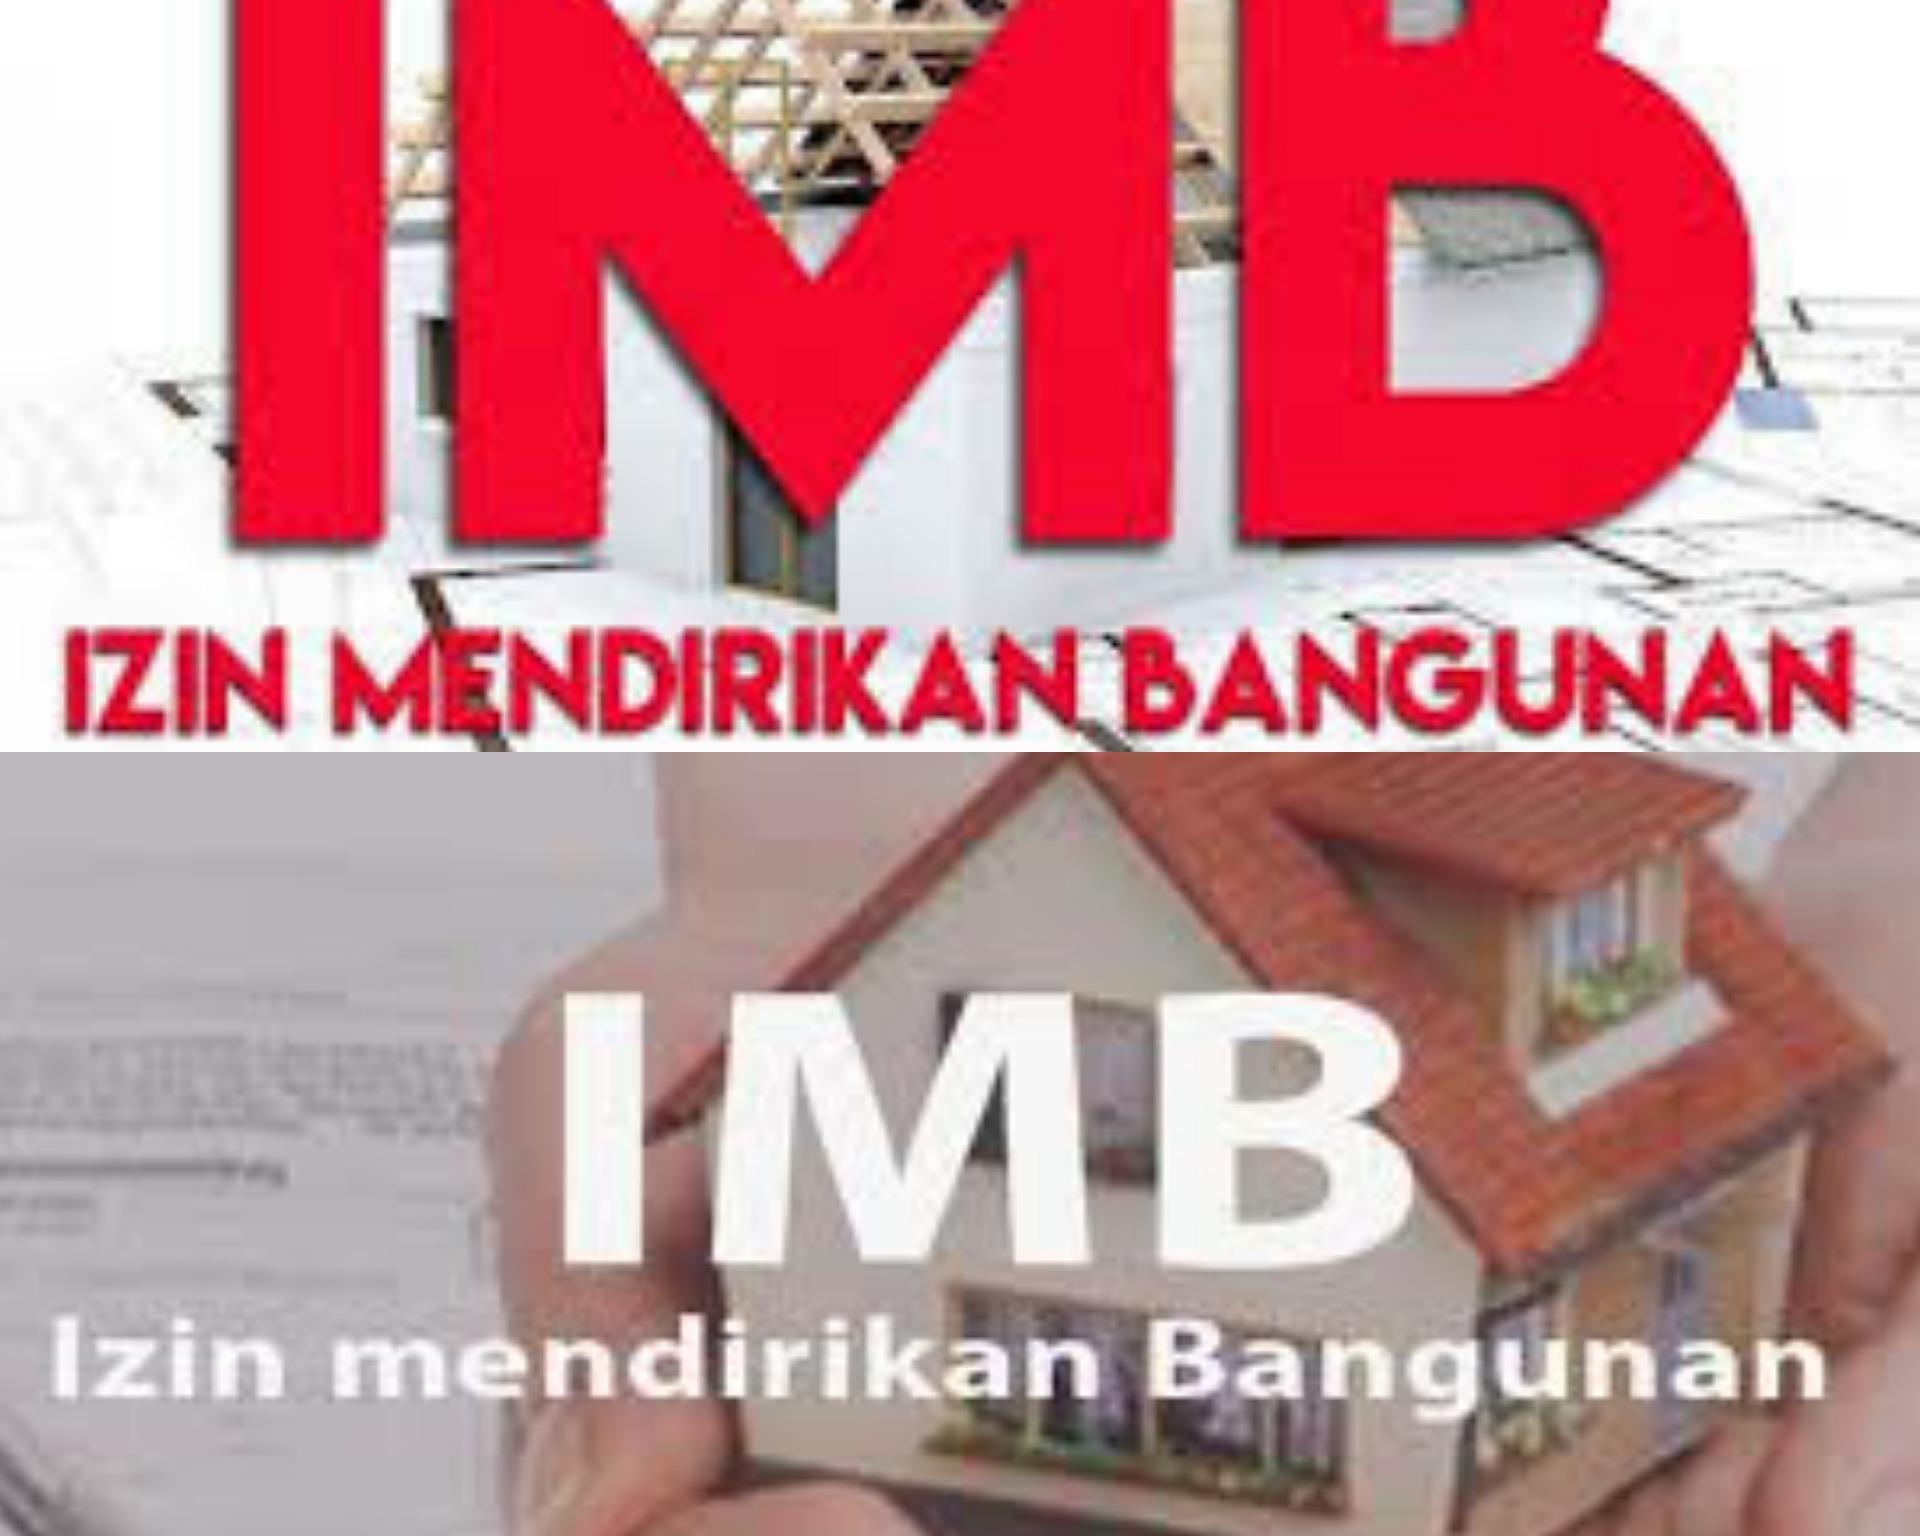 Kadis DPM-PTSP Palangka Raya Himbau Masyarakat agar Mengurus Perubahan Status IMB